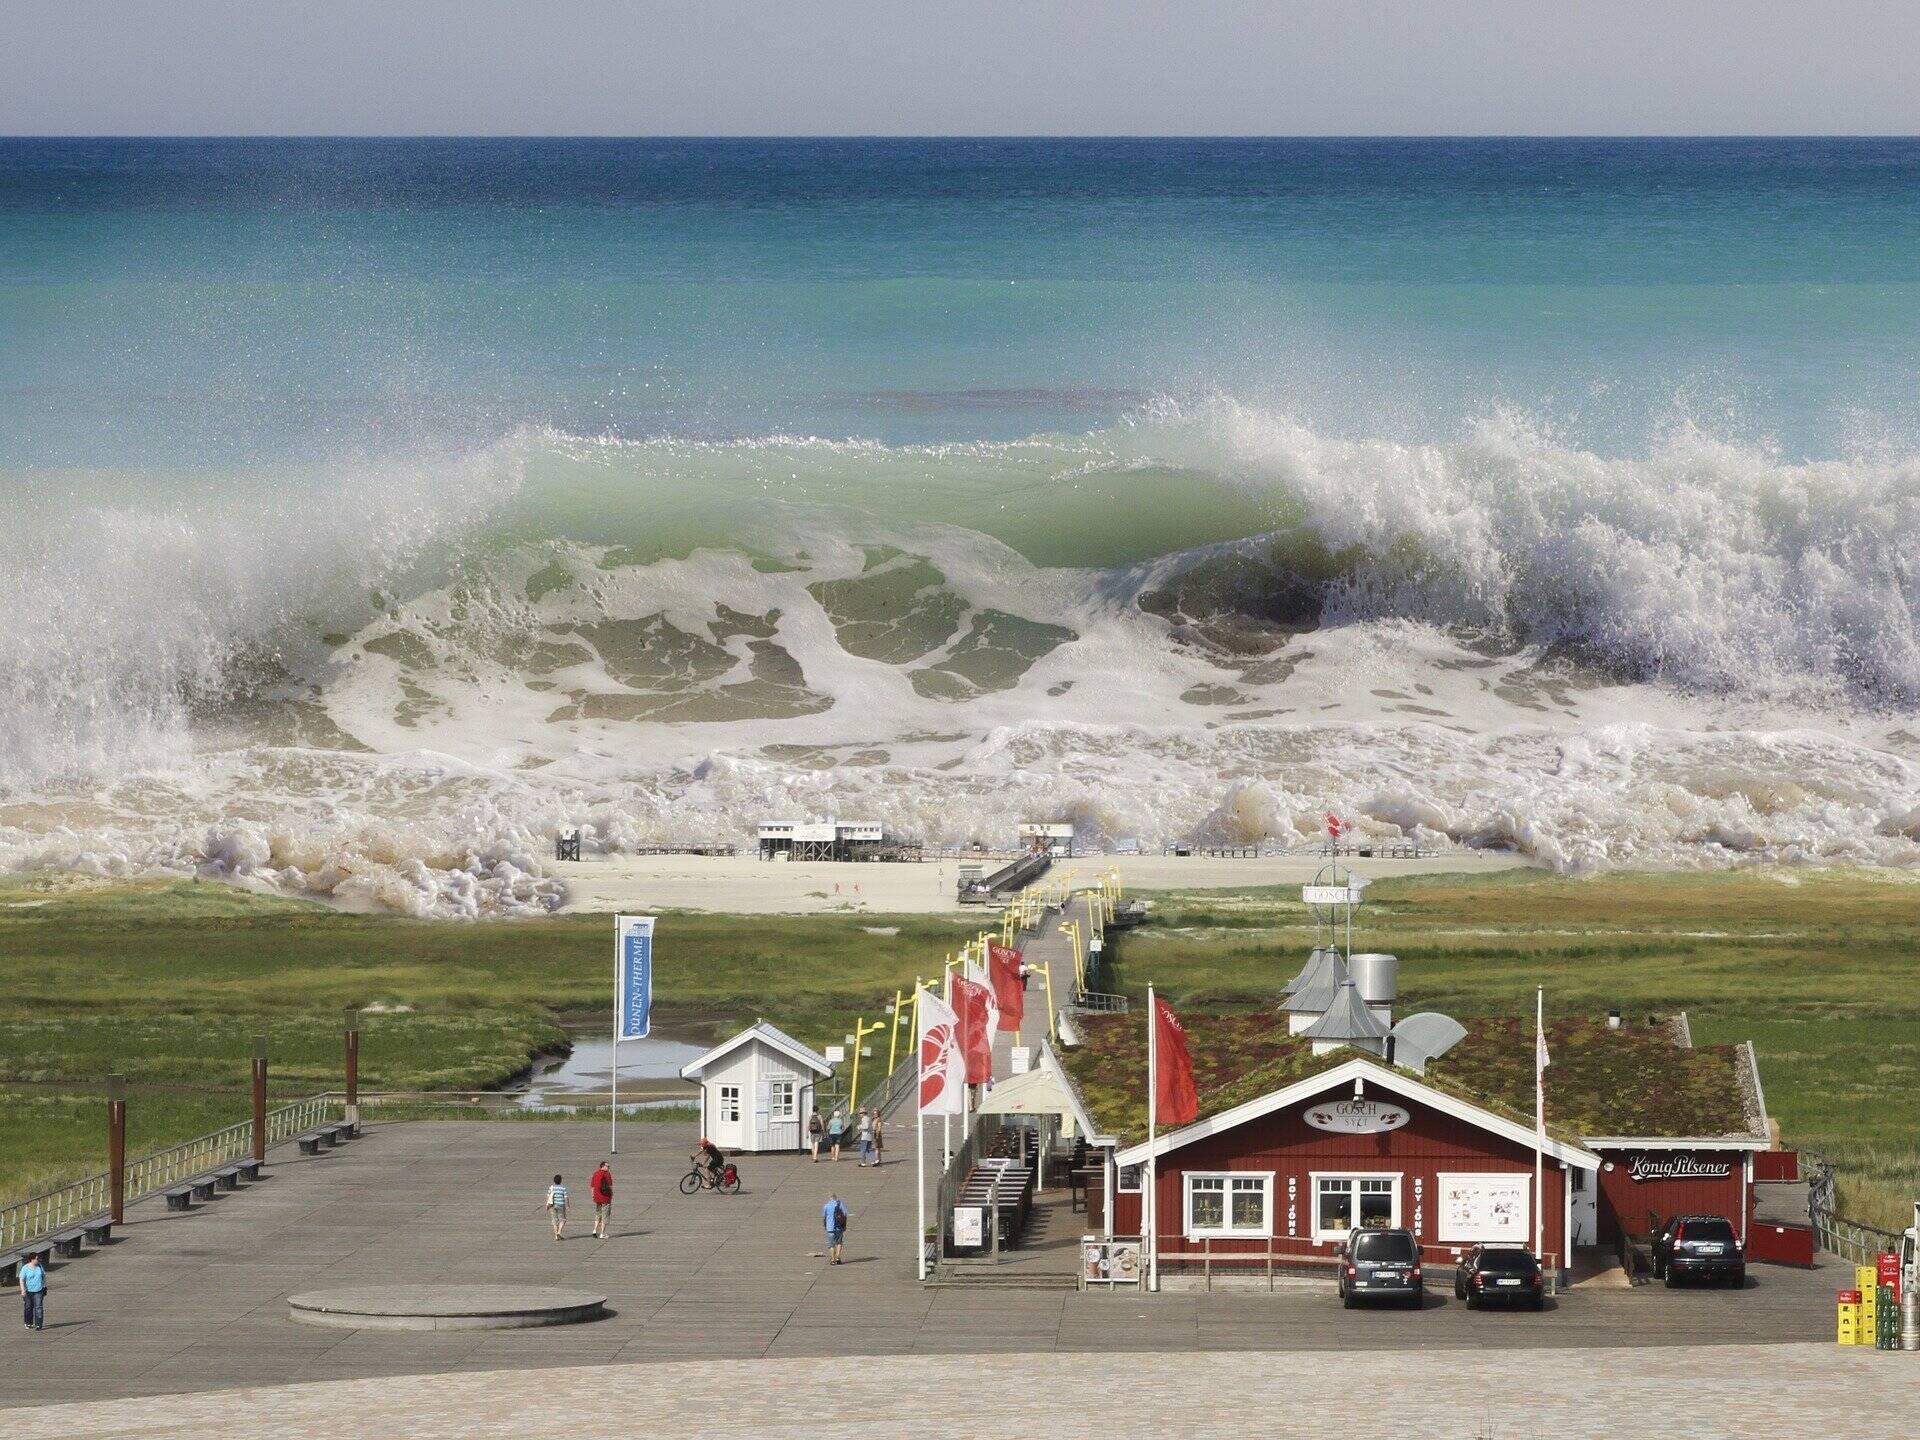 Um tremor de magnitude 9.1 próximo da costa noroeste da ilha de Sumatra, gerou um tsunami com 1300 quilómetros de comprimento e com ondas de 50 metros. (Foto: Pixabay)